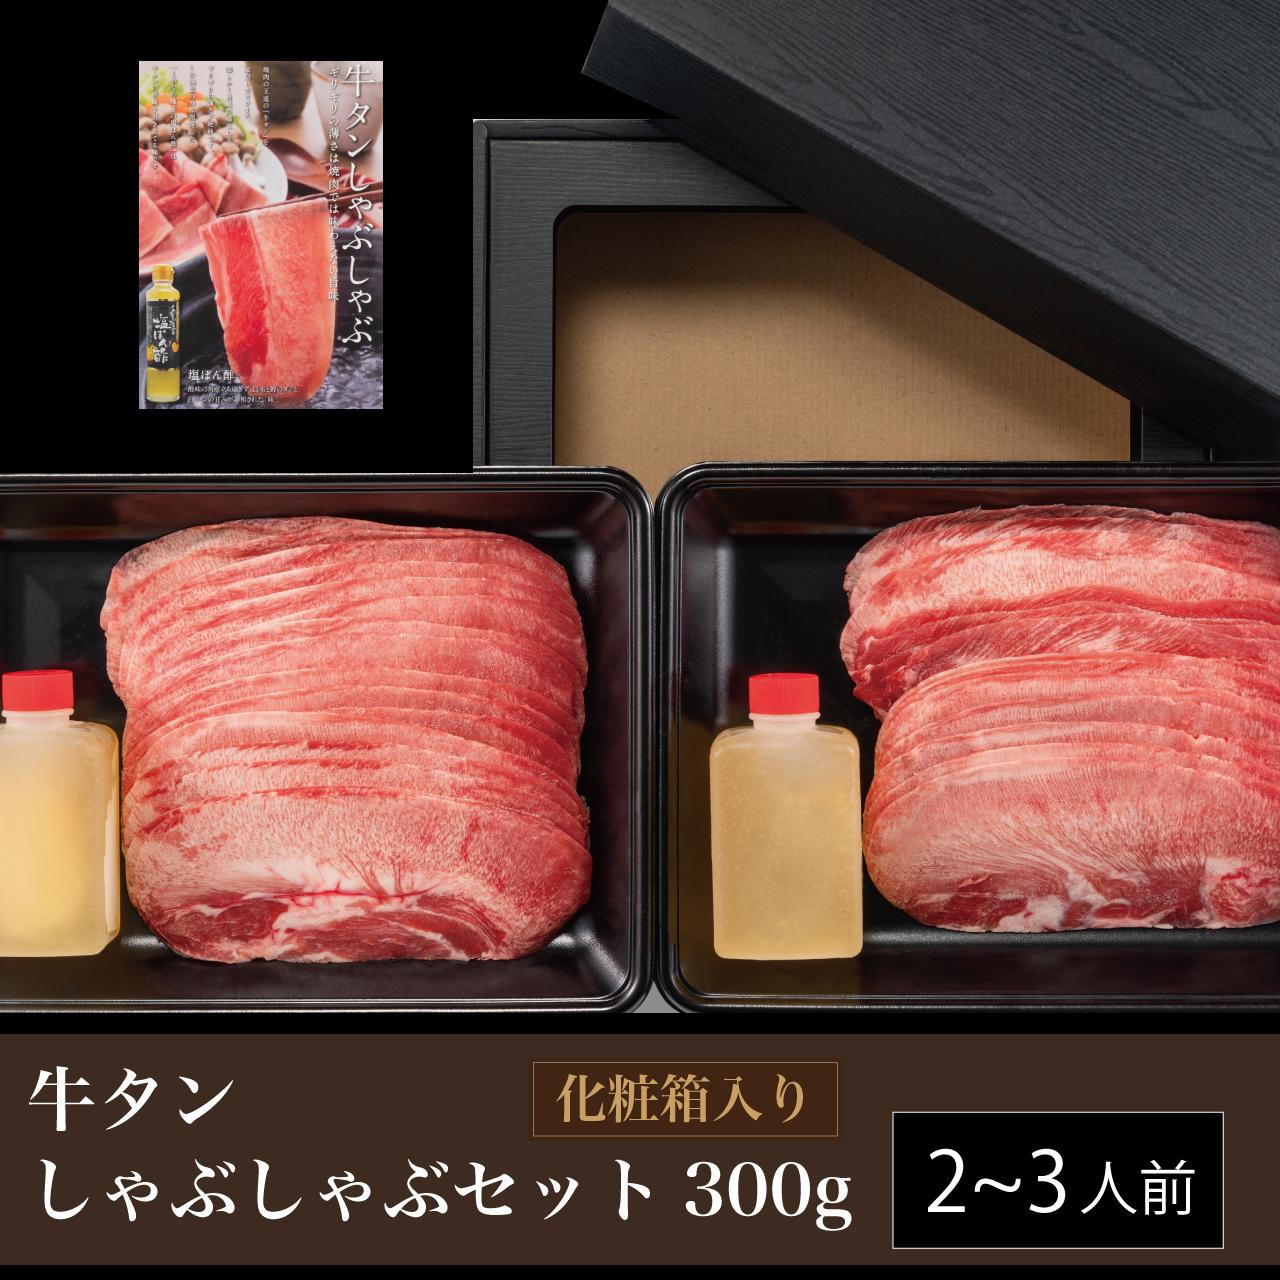 霜降り牛タンしゃぶしゃぶセット300g(2〜3人前)【送料無料】